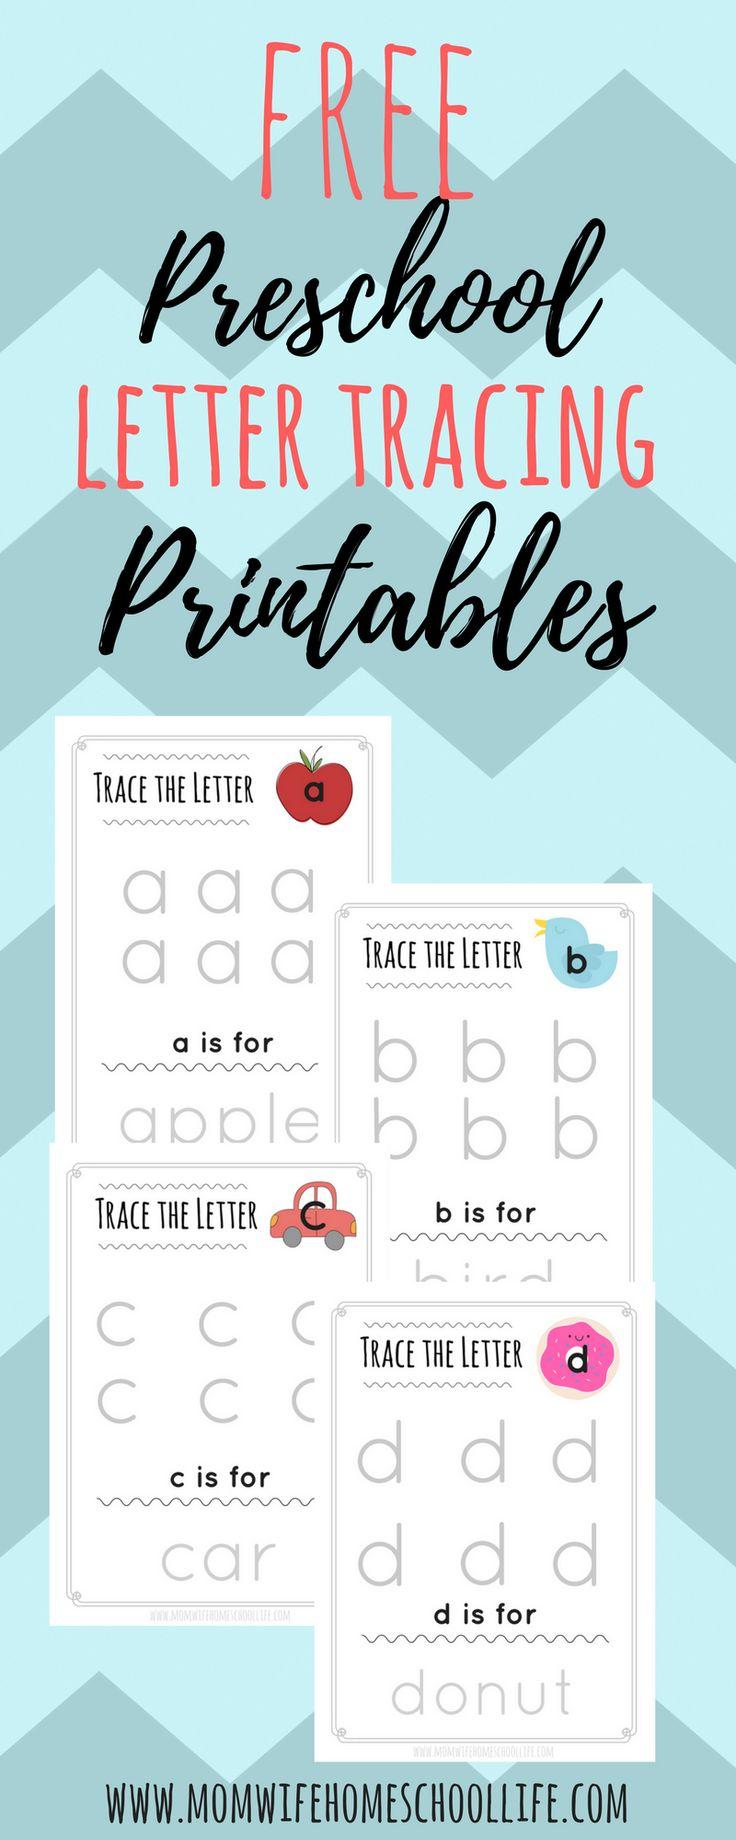 55 best Tot School images on Pinterest   Tot school, Preschool ...